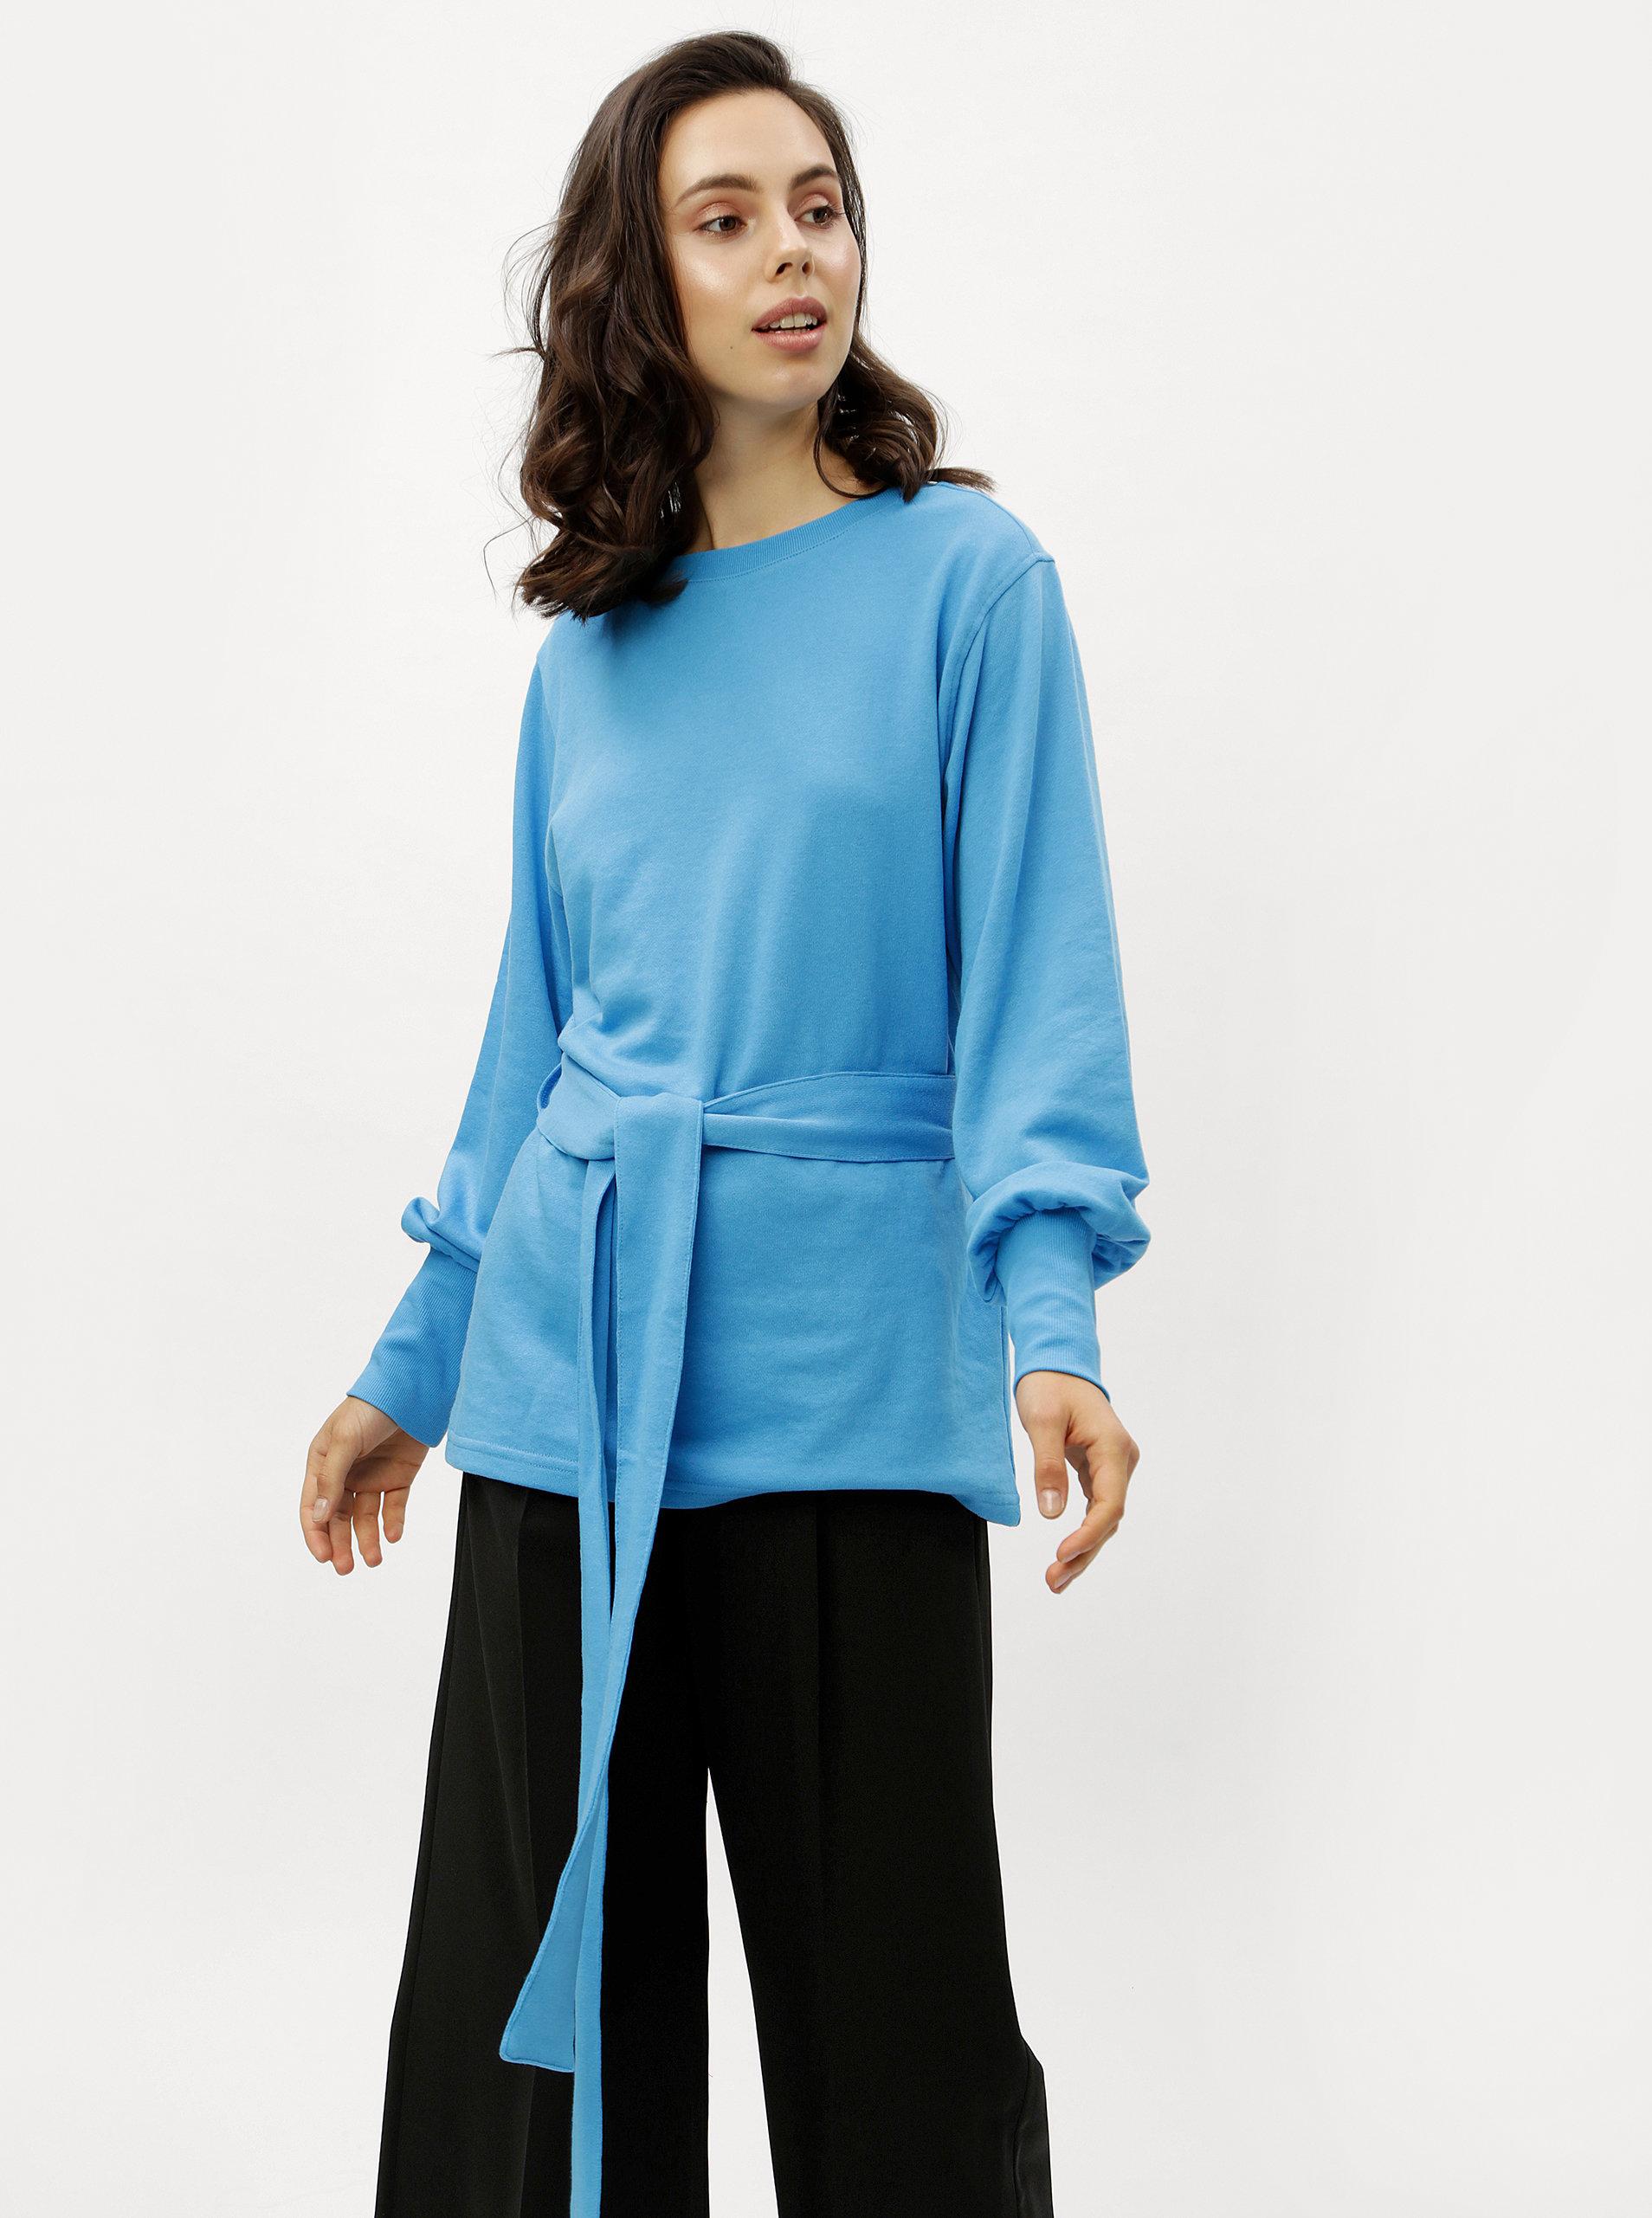 Modrá dlhá mikina s opaskom Jacqueline de Yong ... 368b3669e10